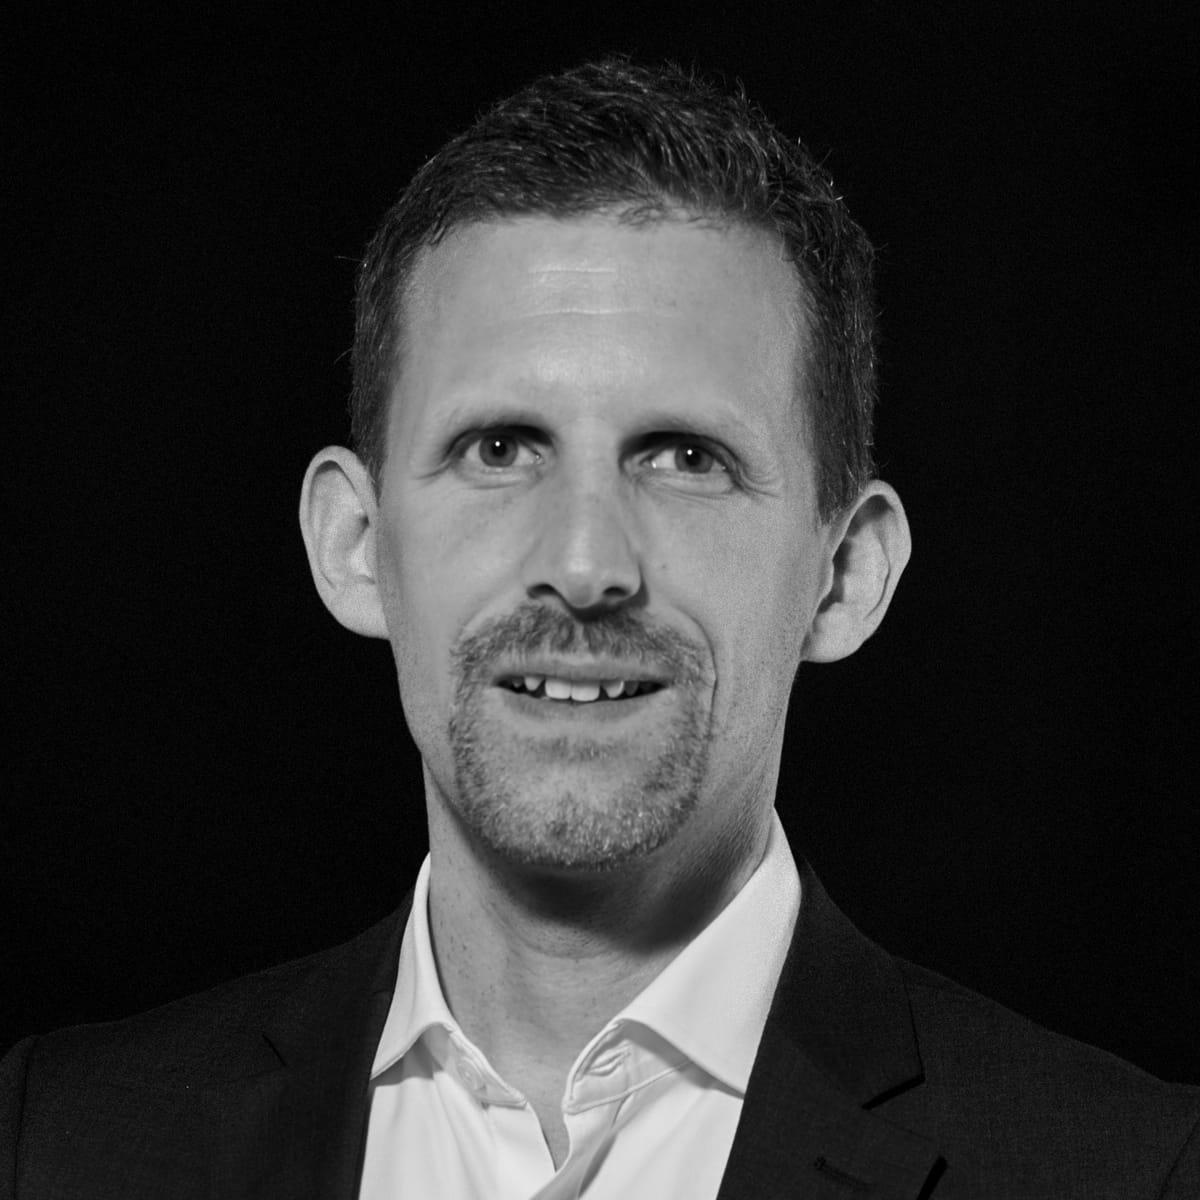 Matthias Blattmann